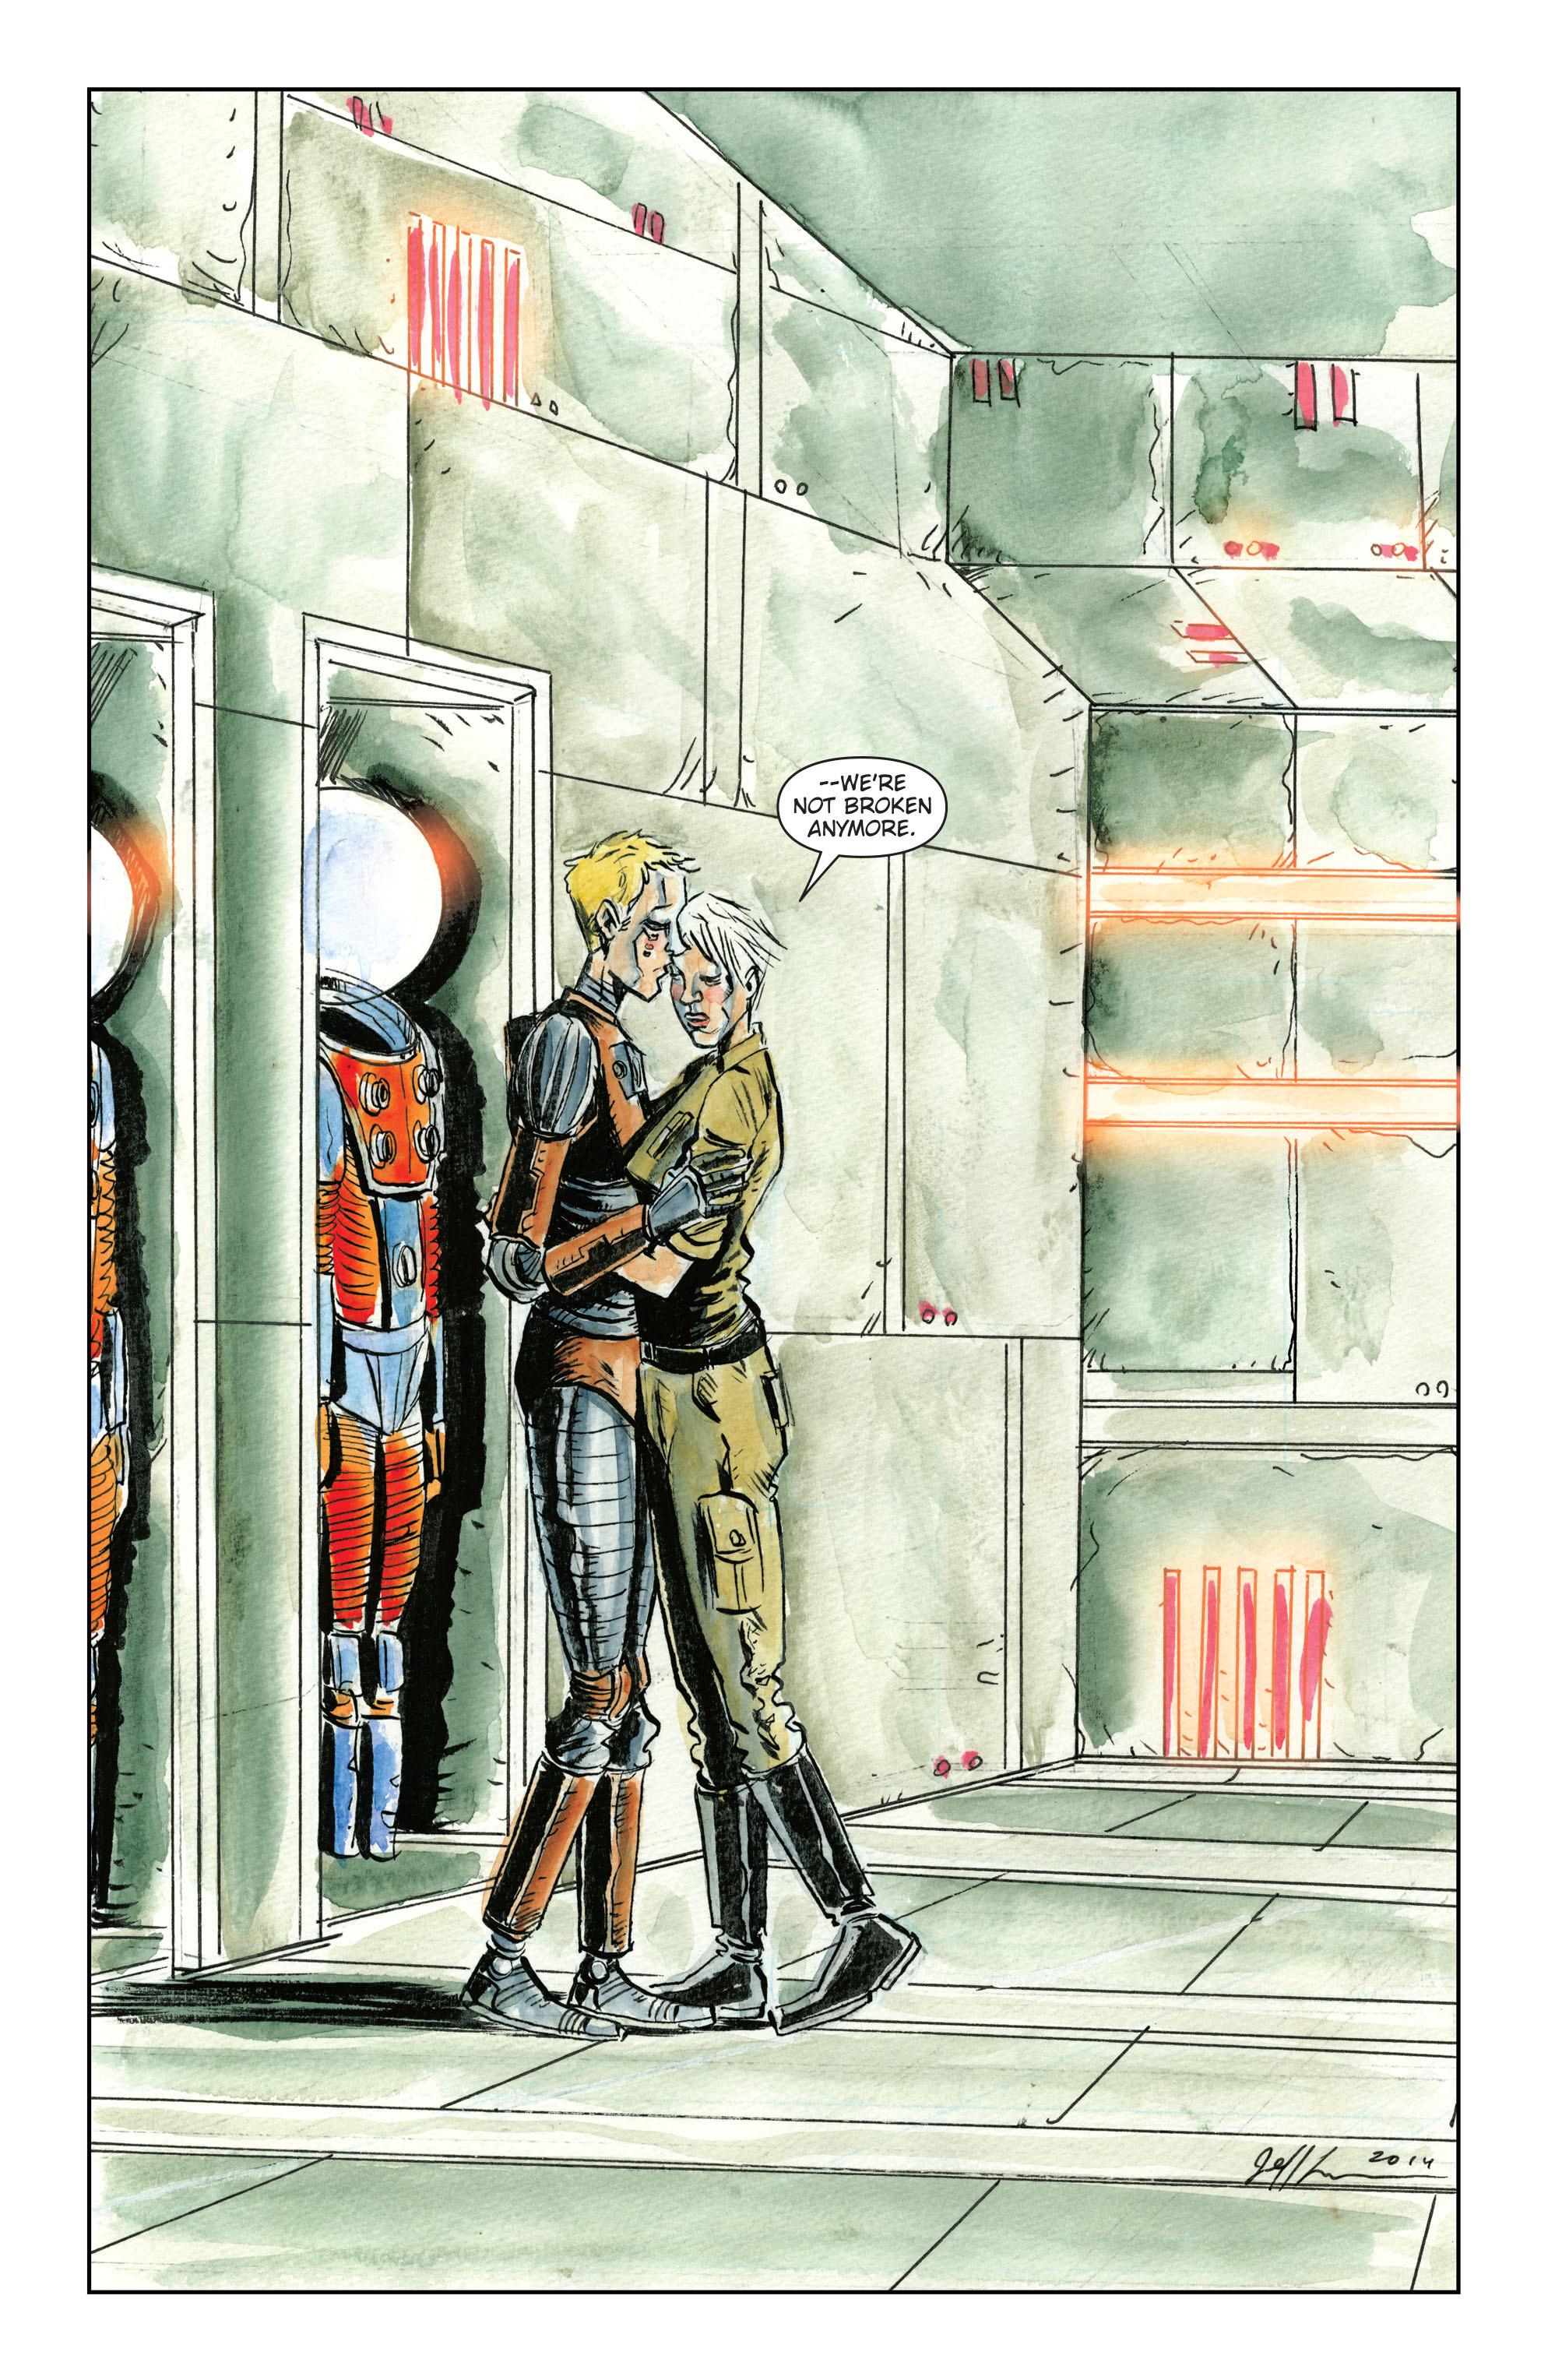 Read online Trillium comic -  Issue # TPB - 193